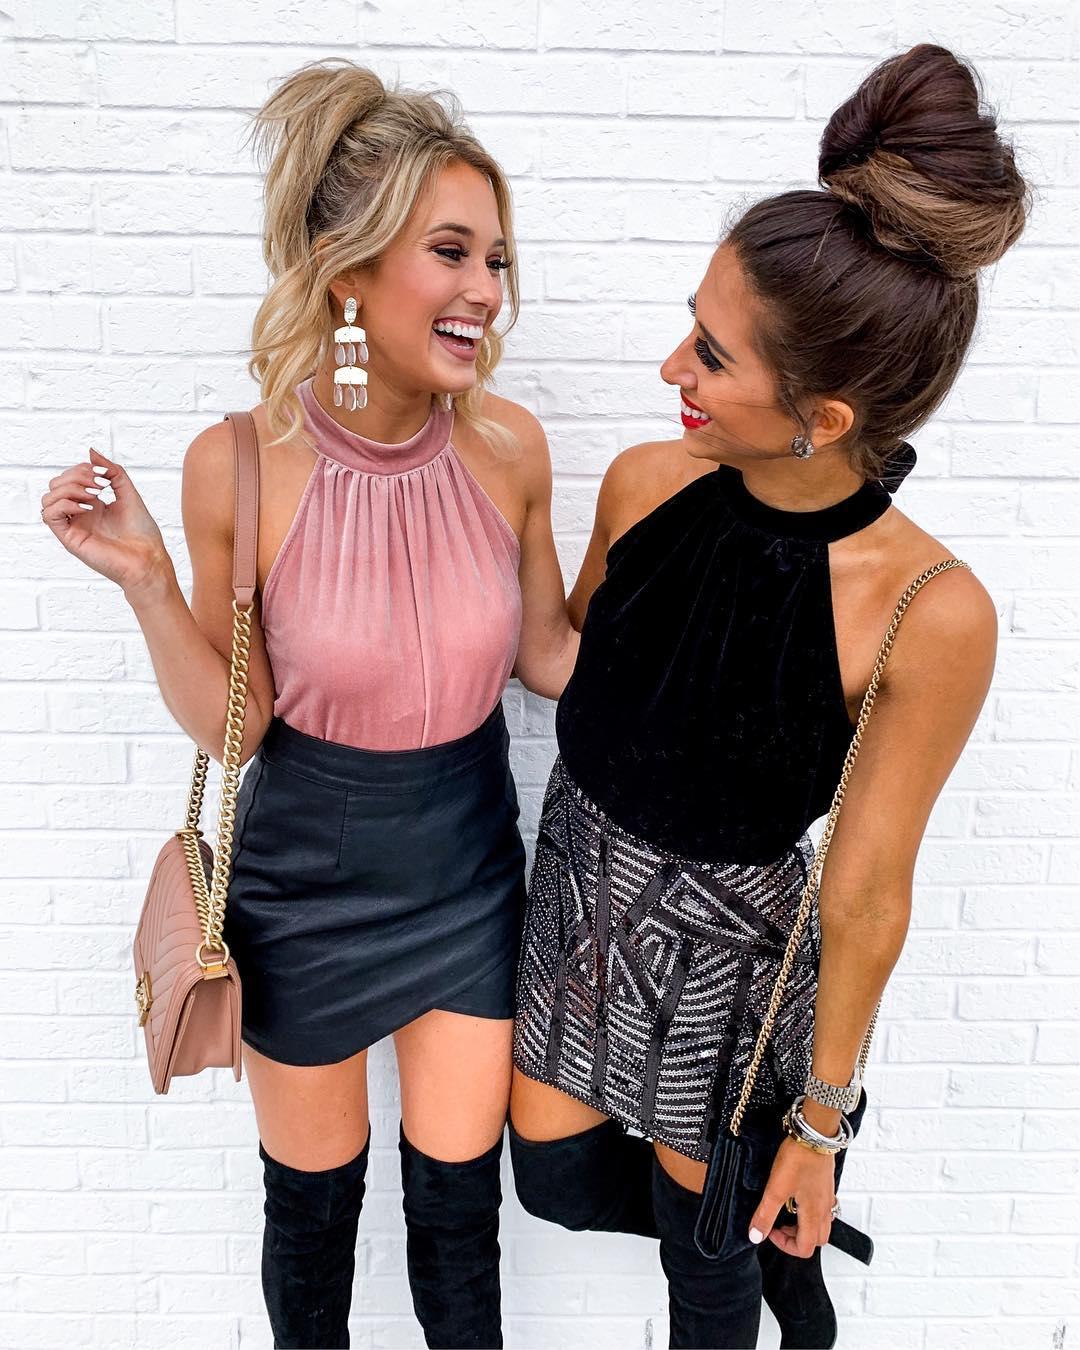 b103d34a47e05f Women Ladies Halter Neck Tie Elastic Hem Plus Size Sexy Party Top Blouse  Evening